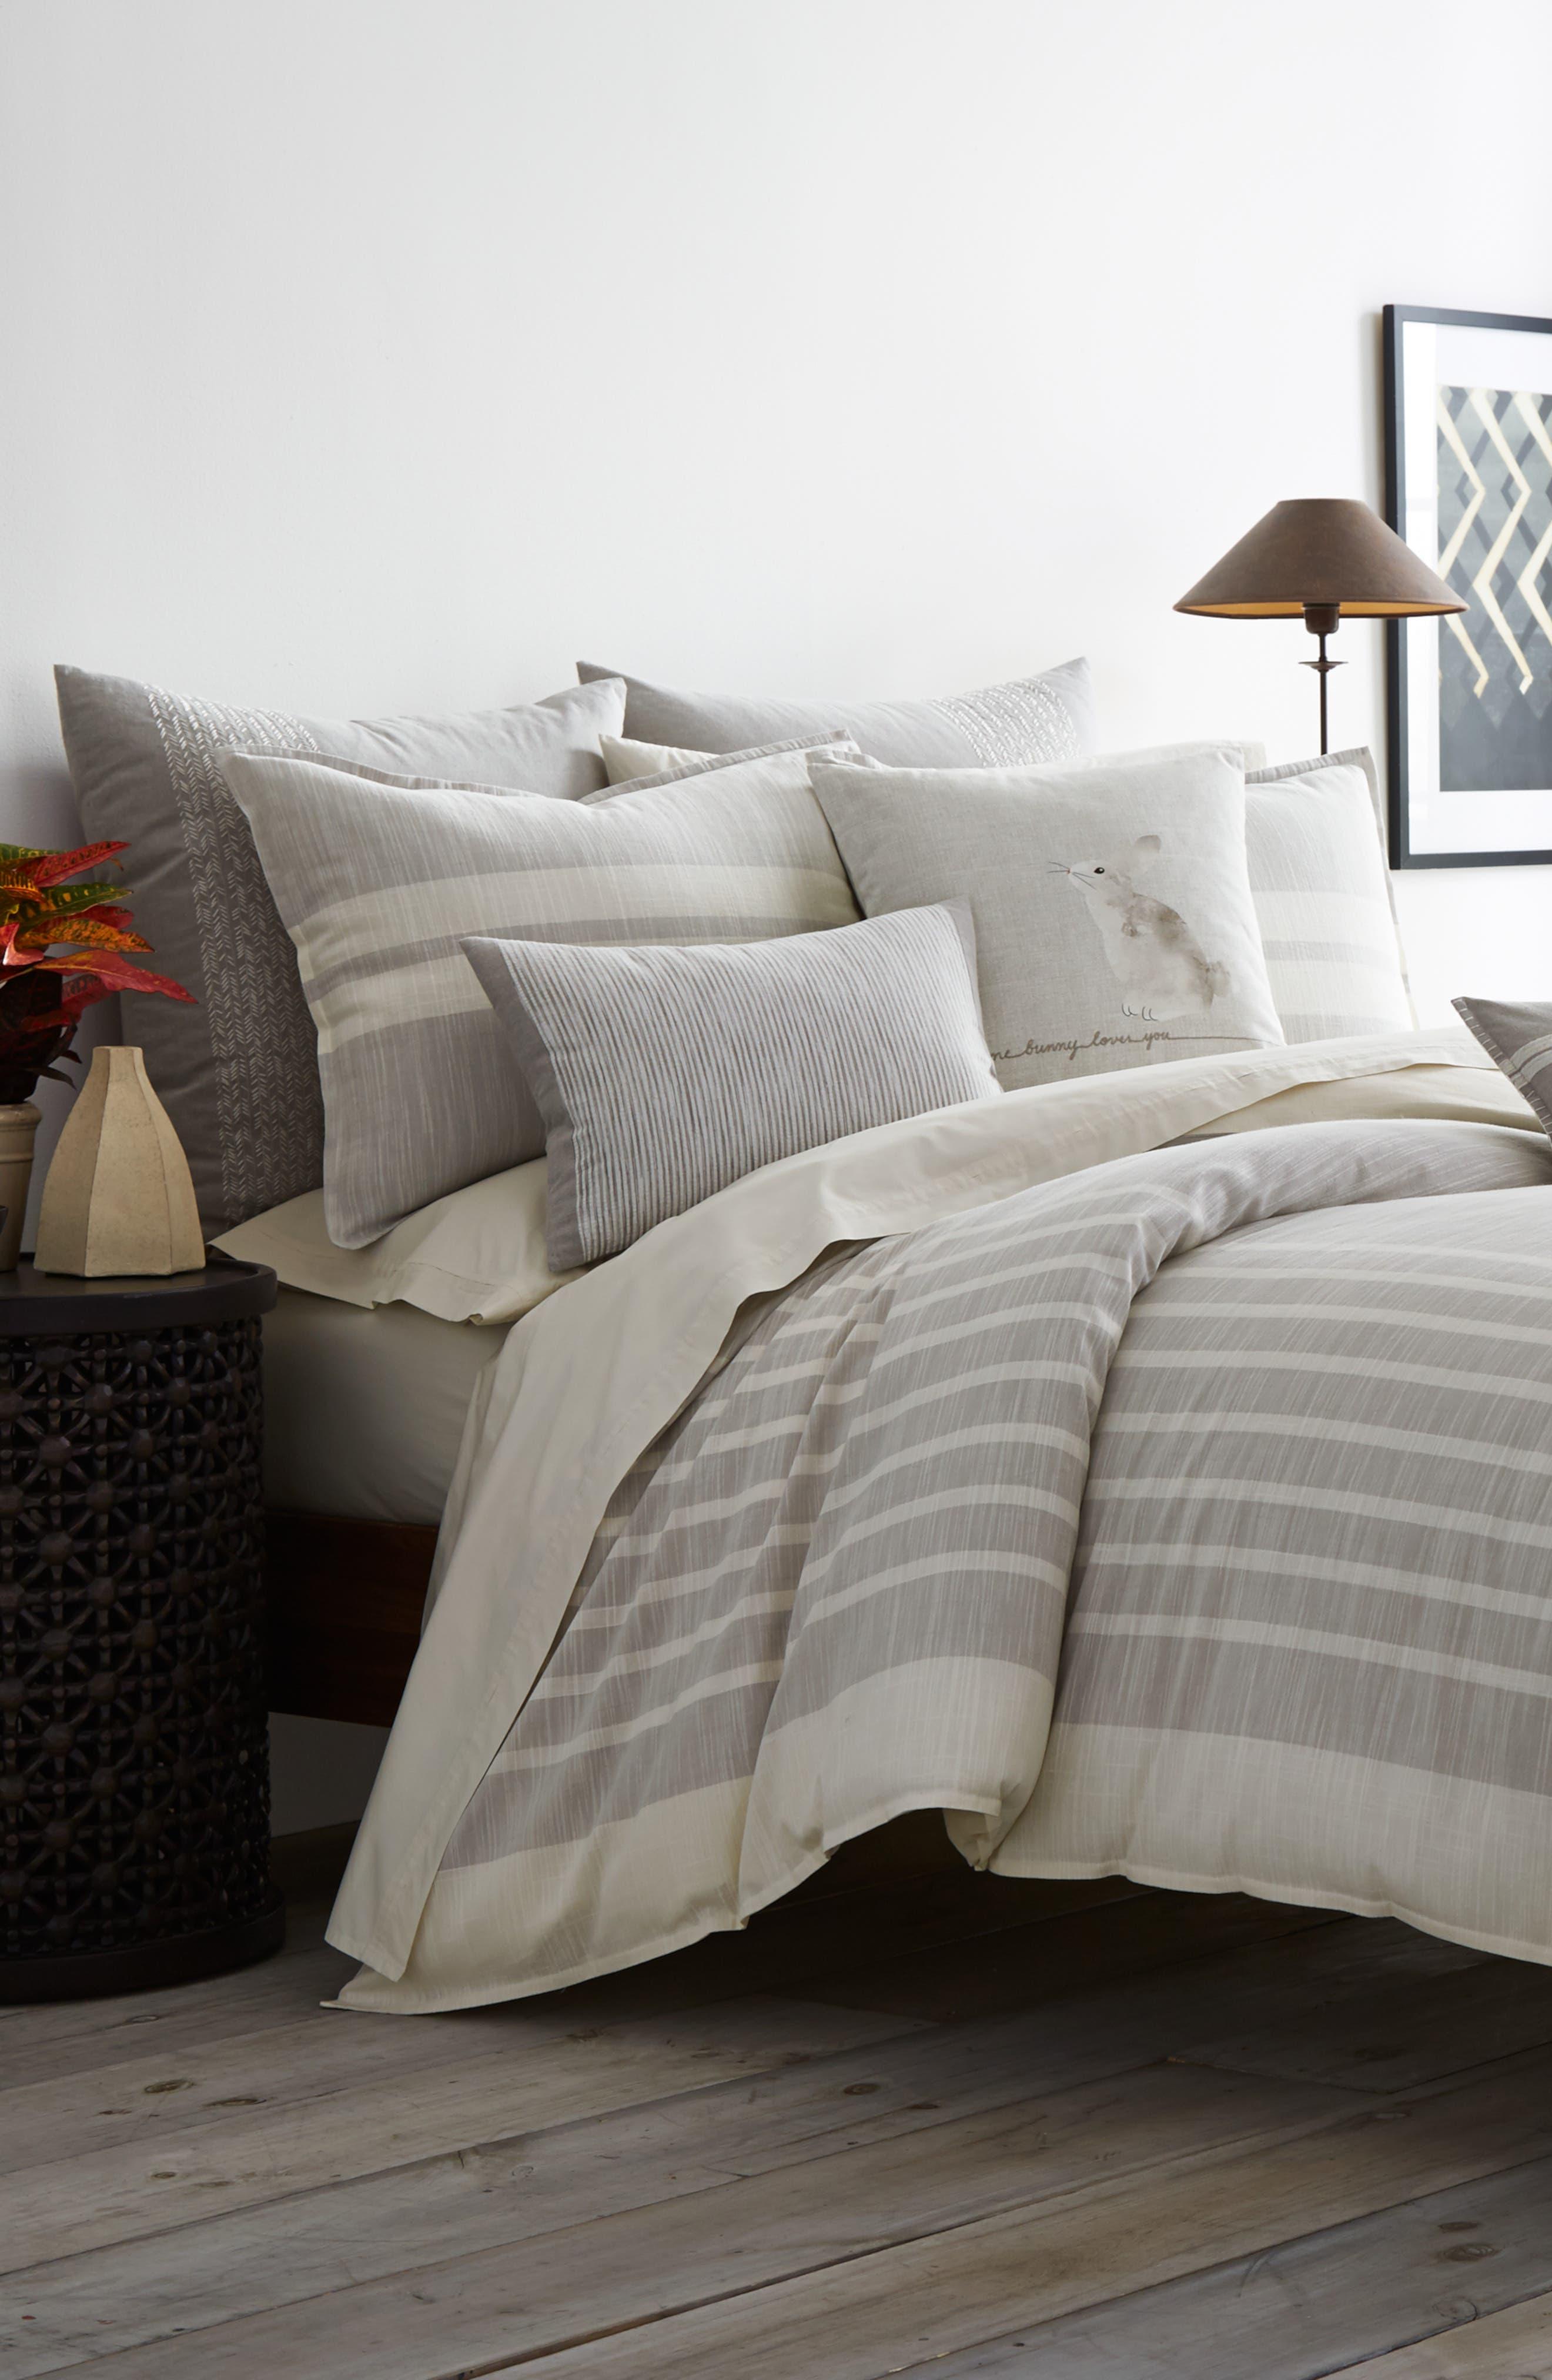 Claremont Duvet Cover,PASTEL GREY, designninja, christine kohut interiors, bedding, ellen degeneres, nordstrom